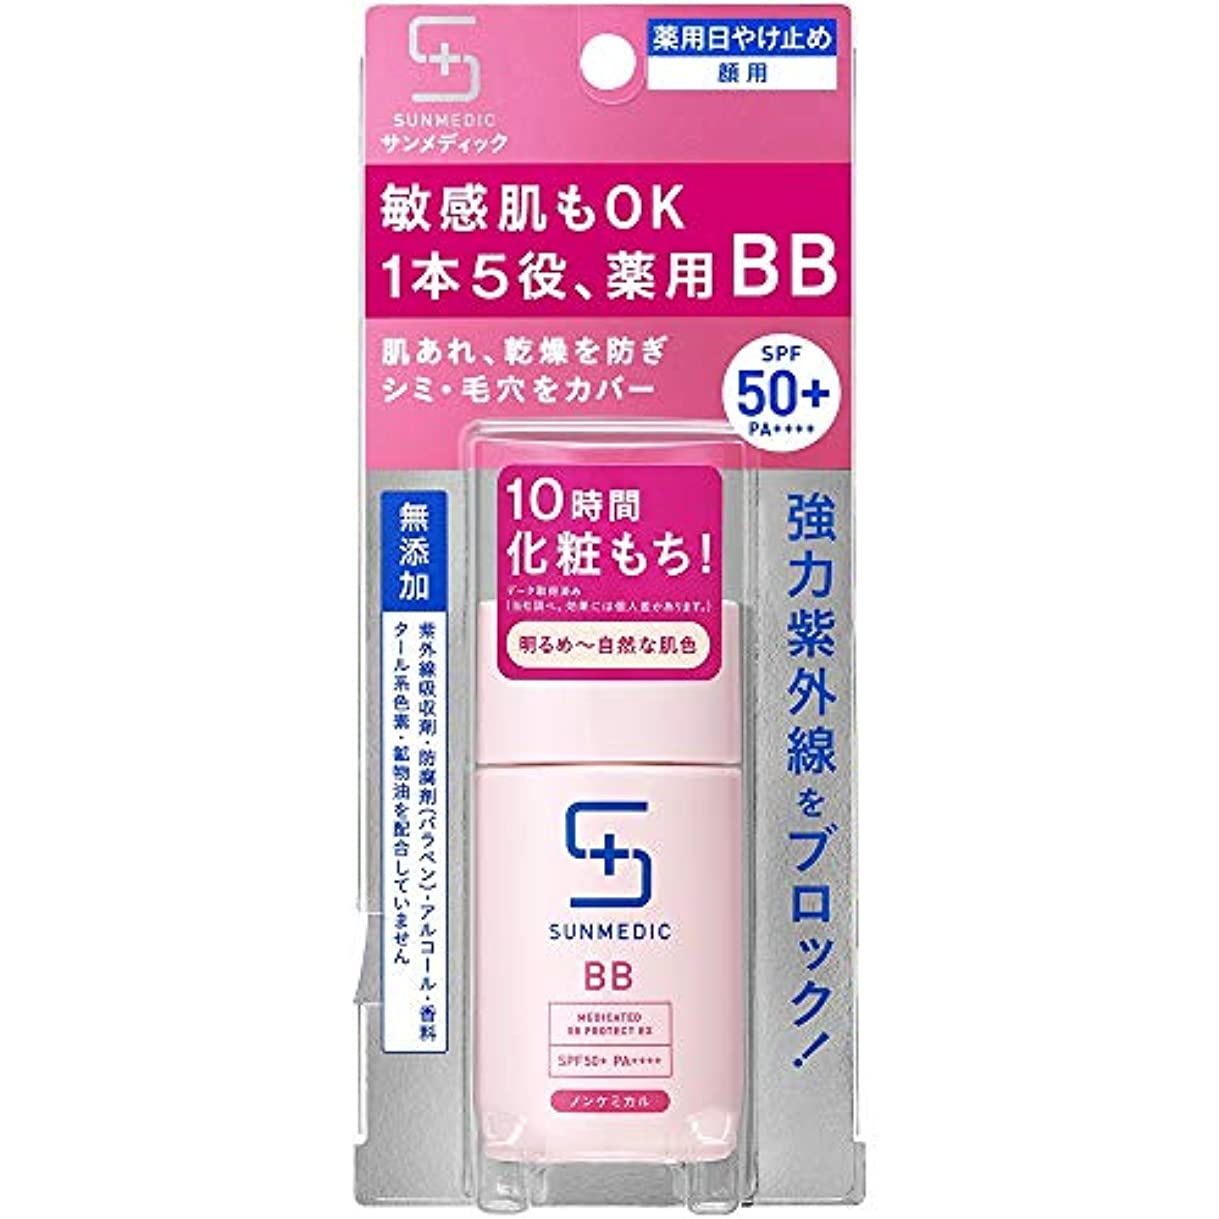 登録する時系列余裕があるサンメディックUV 薬用BBプロテクトEX ライト 30ml (医薬部外品)